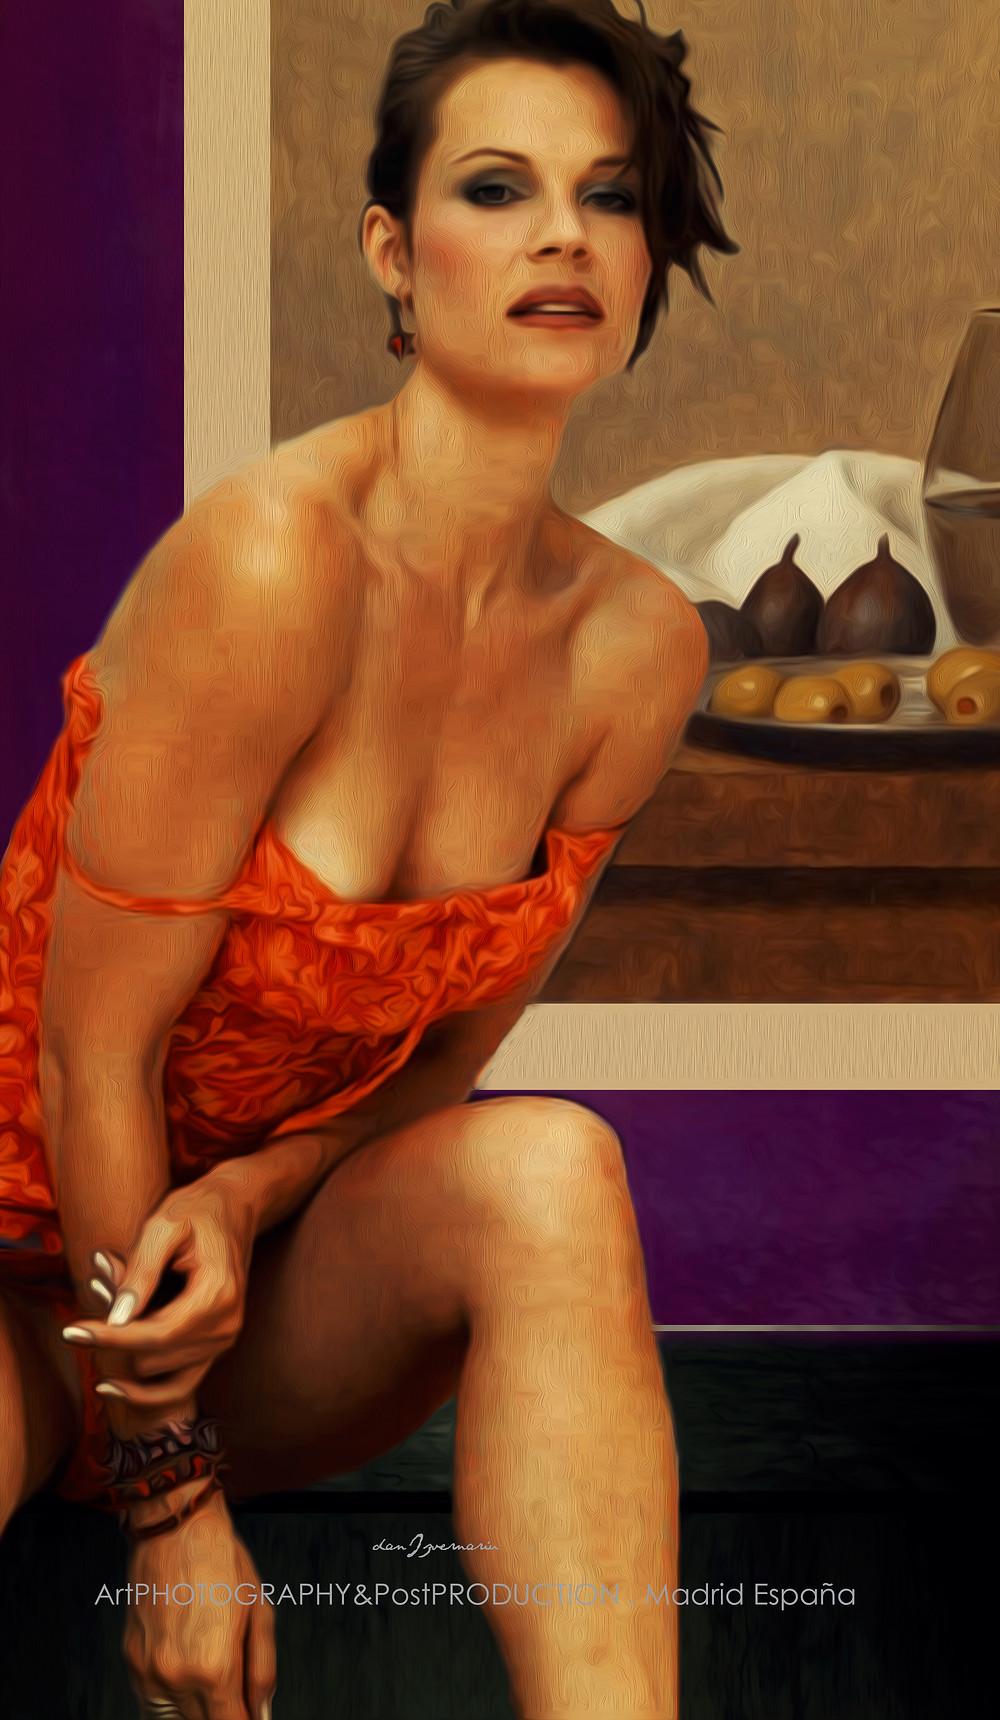 DANIZVERNARIU.COM Modern paintings , canavas texture in Photoshop by (Me). Para estudiar y realizar Los artistas necesitan tener inspiración, pero también matriciales. ¿Quieres ser mi modelo?